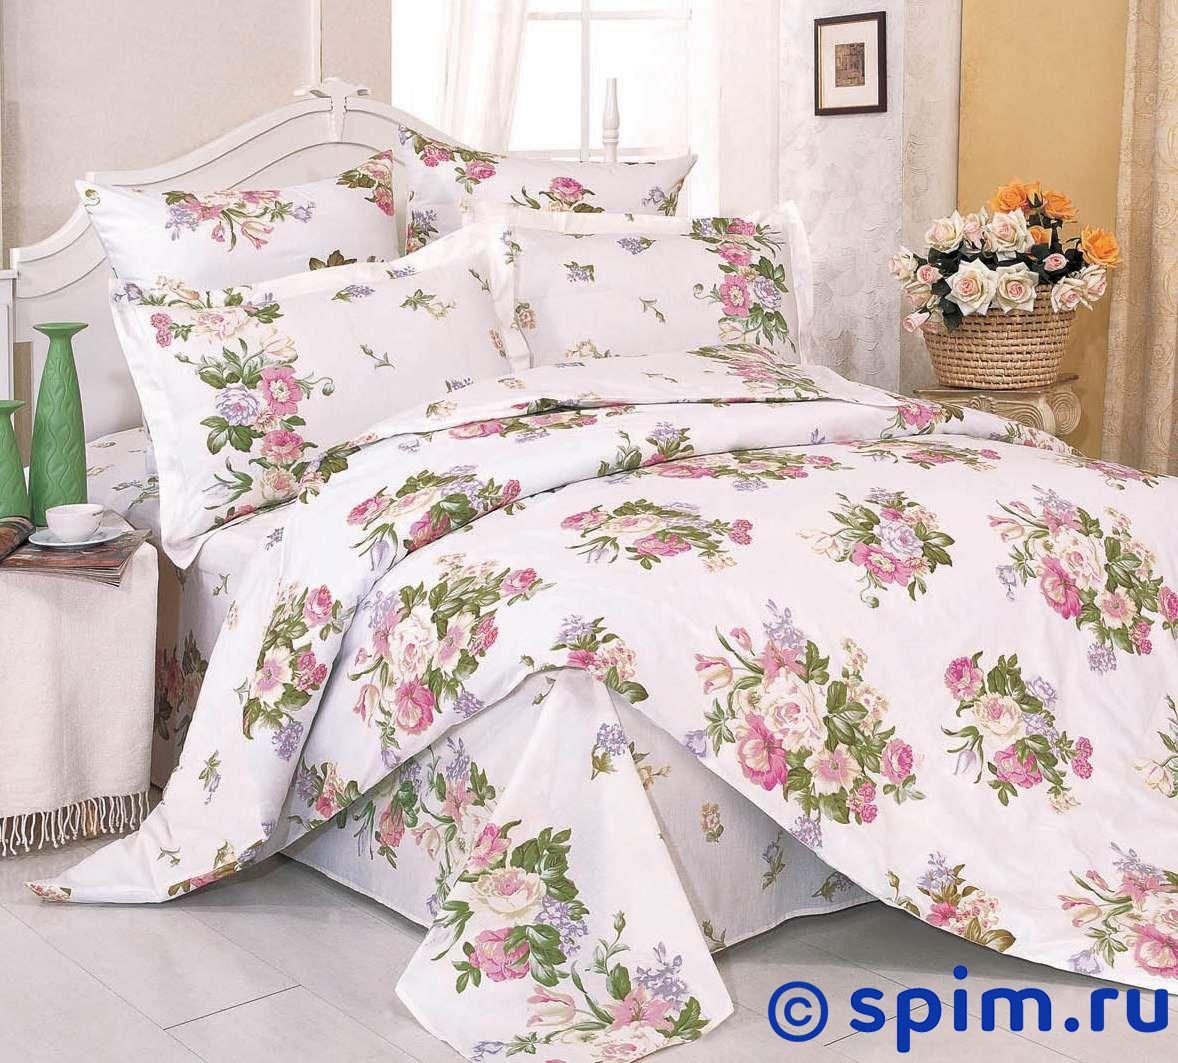 Комплект СайлиД А28 1.5 спальное